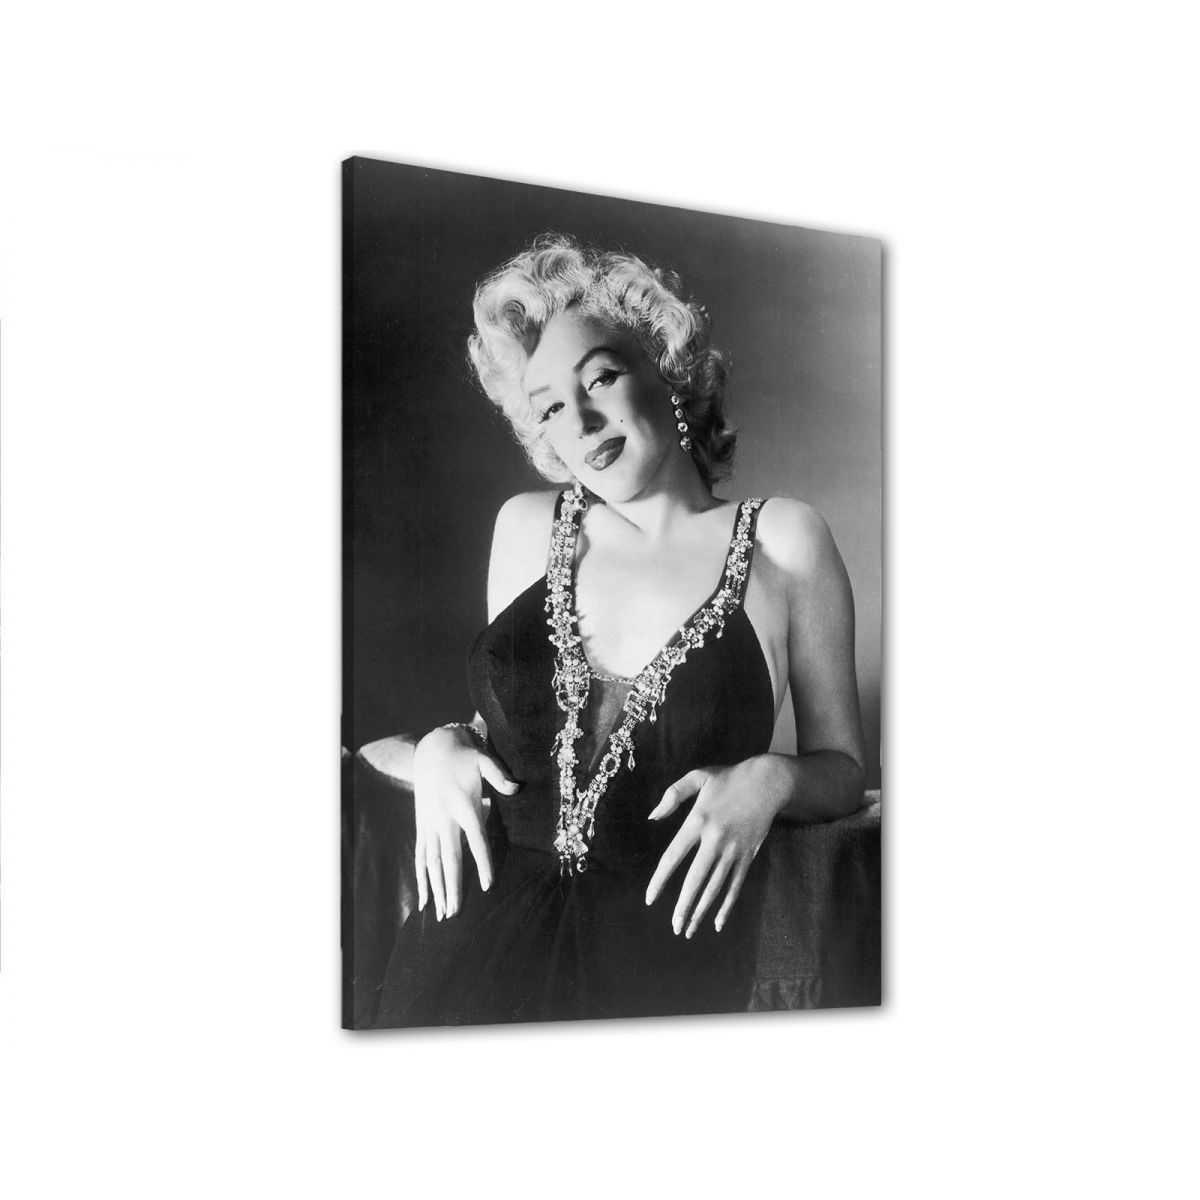 Quadro Marilyn Monroe da vicino sorridente bianco e nero stampa su tela mrv320